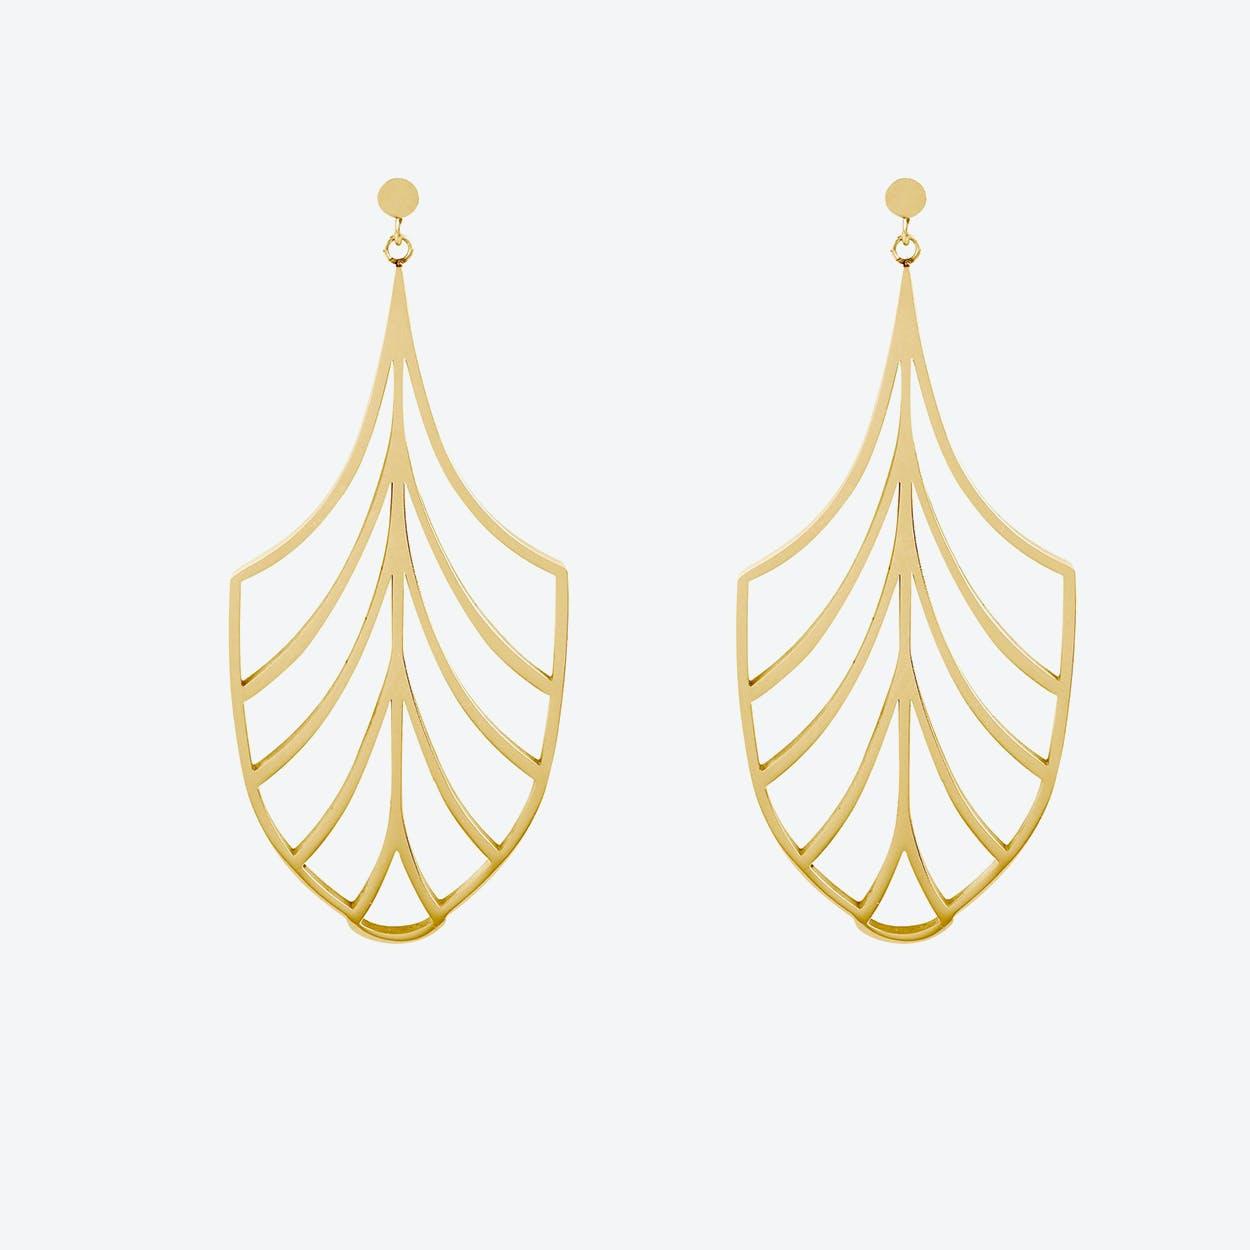 Chandelier Deco Drop Earrings in 18ct Rose Gold Plate